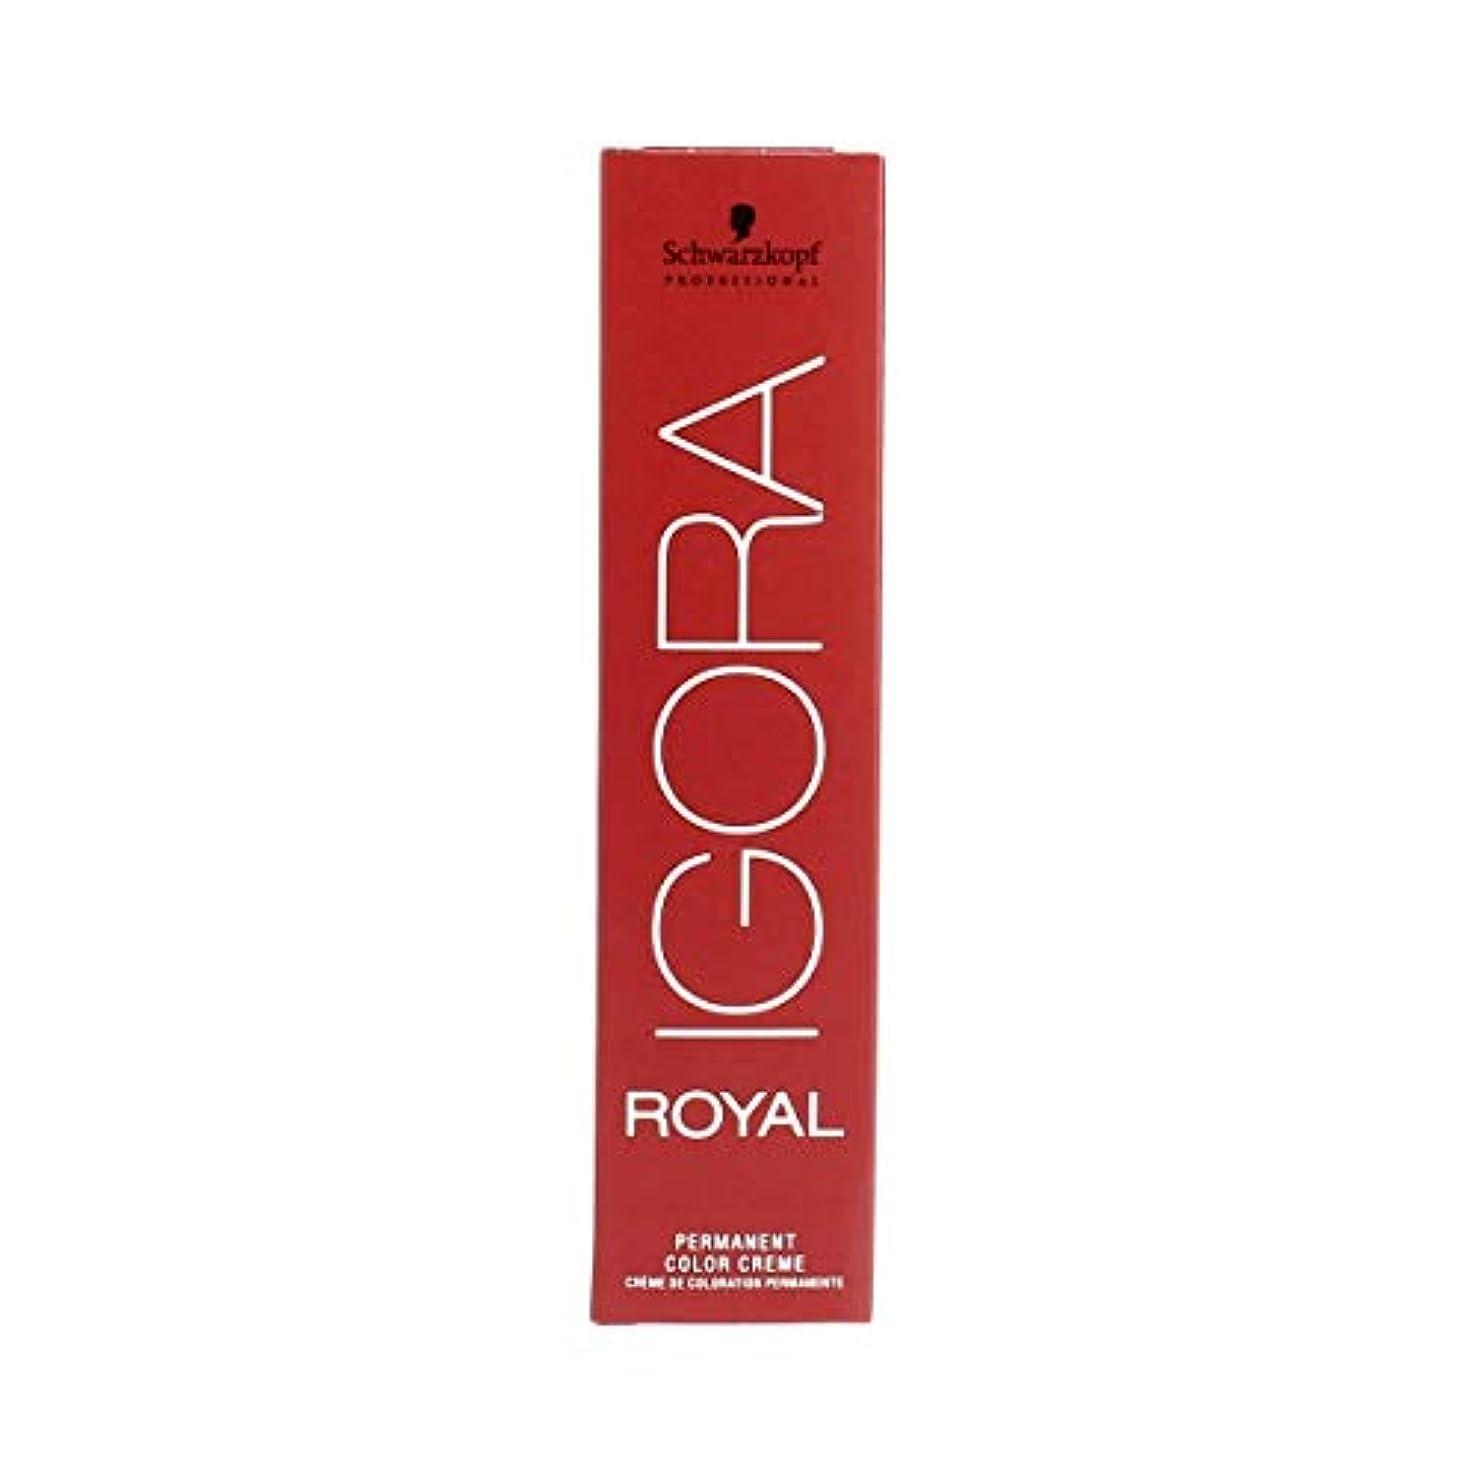 不変消費削減シュワルツコフ IGORA ロイヤル8-4パーマネントカラークリーム60ml[海外直送品] [並行輸入品]